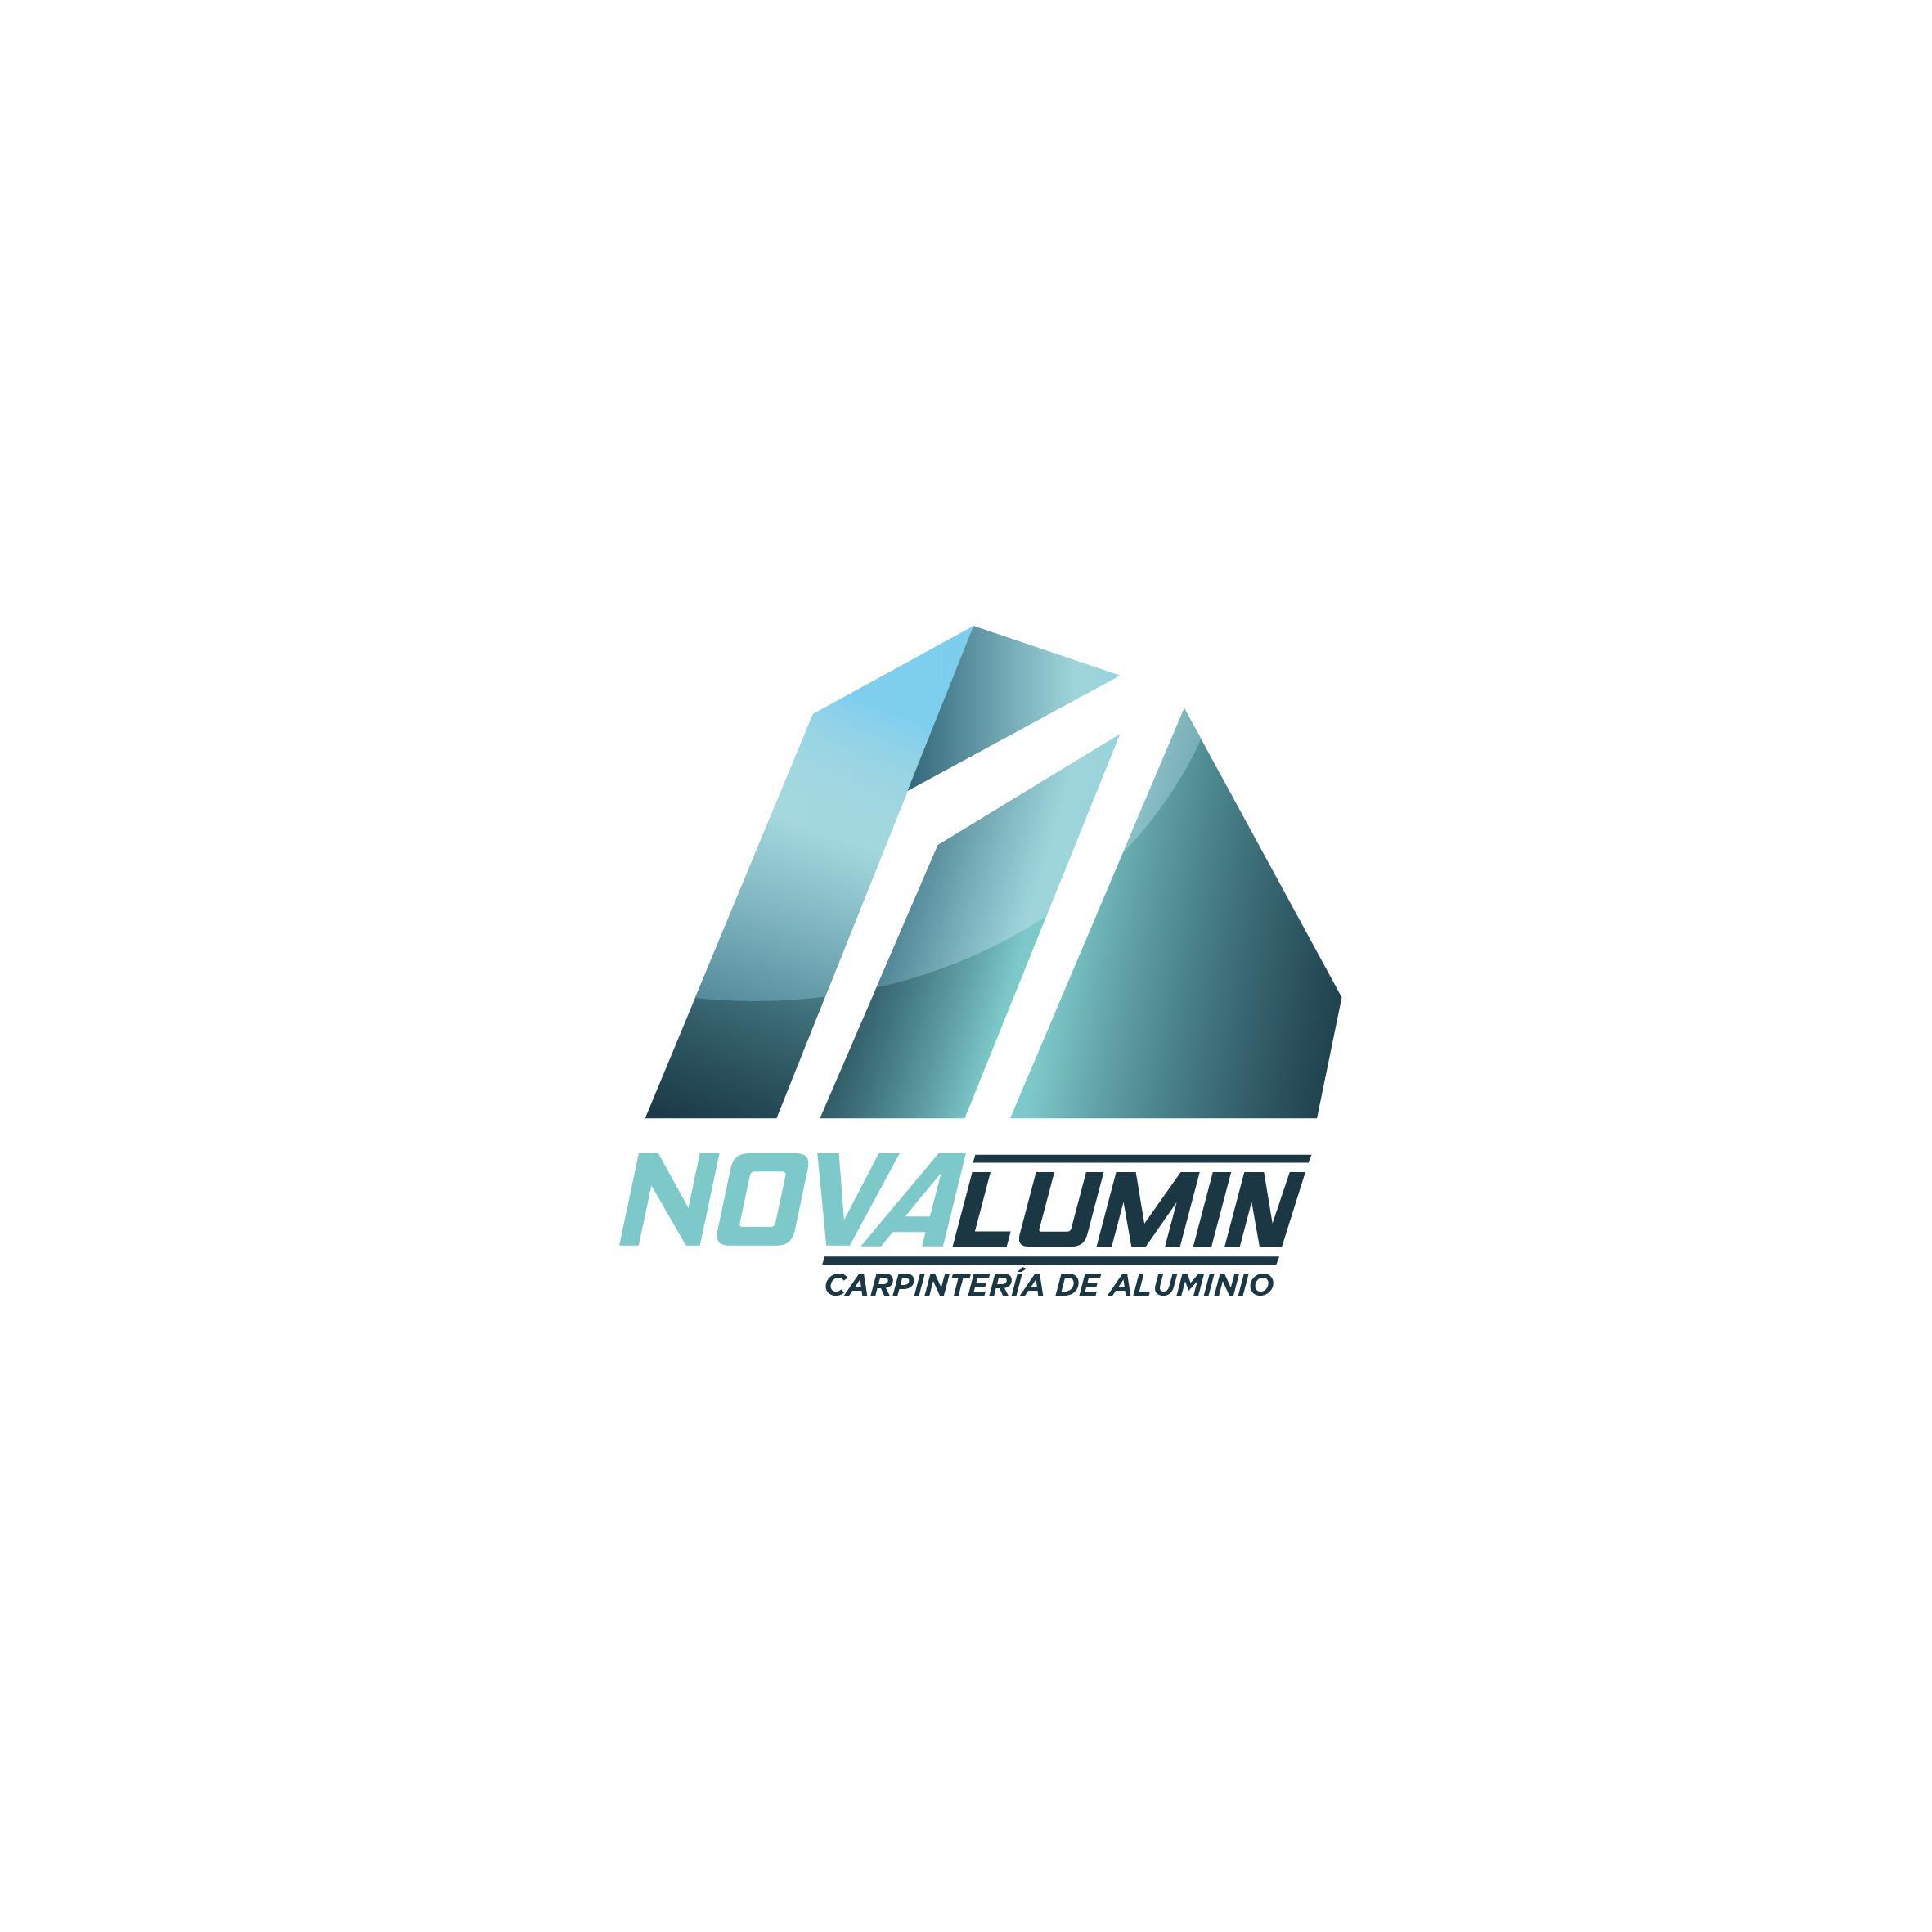 Carpíntería de aluminio NOVALUMIN